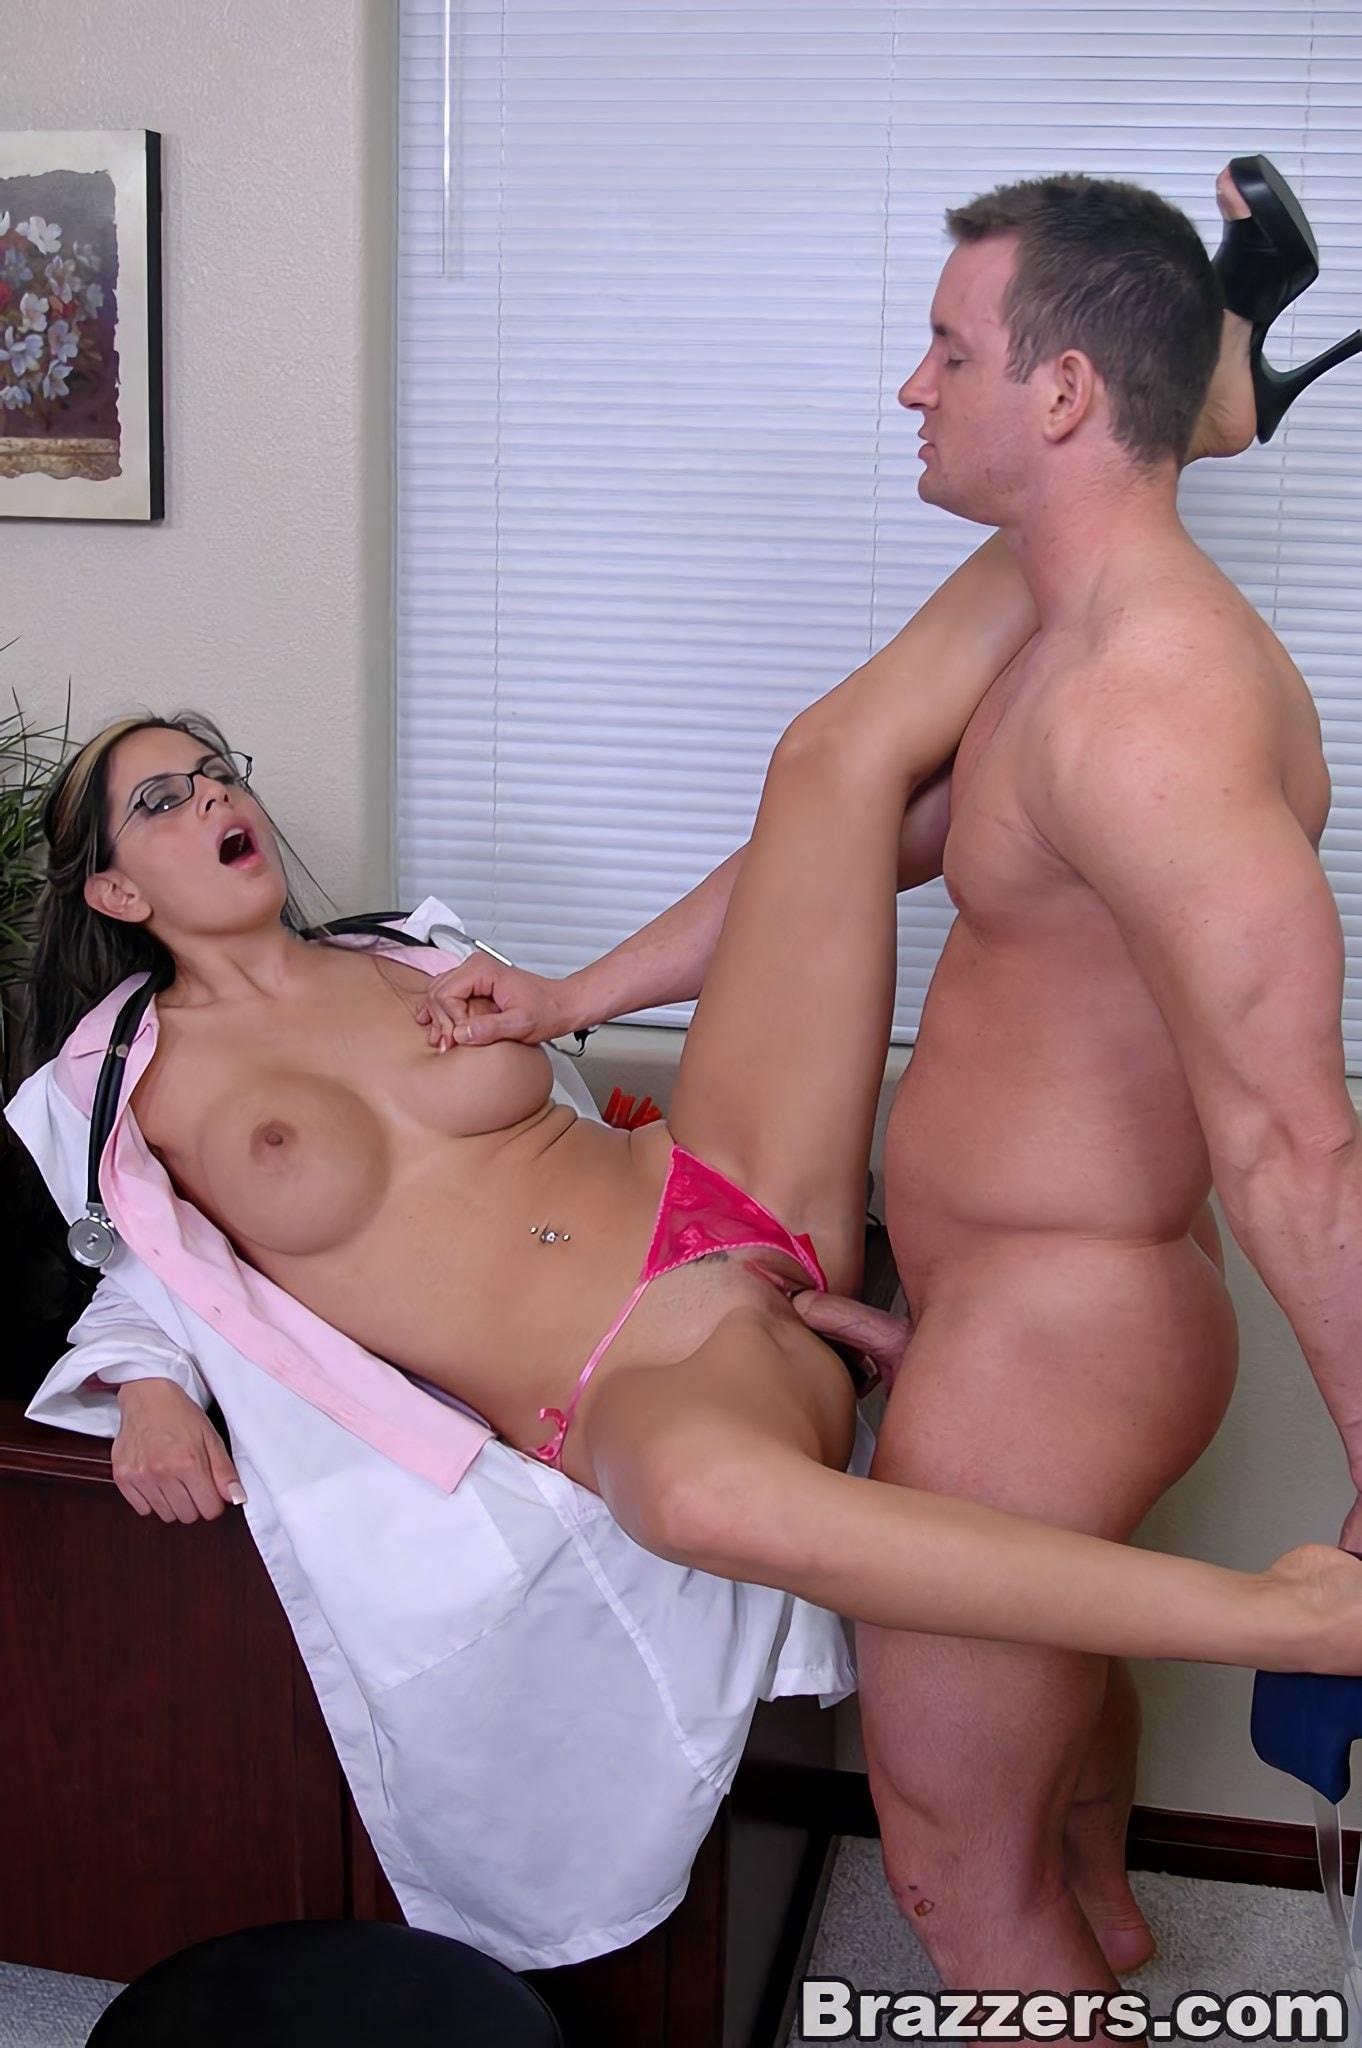 Секс с медсестрой в больнице фото 70439 фотография